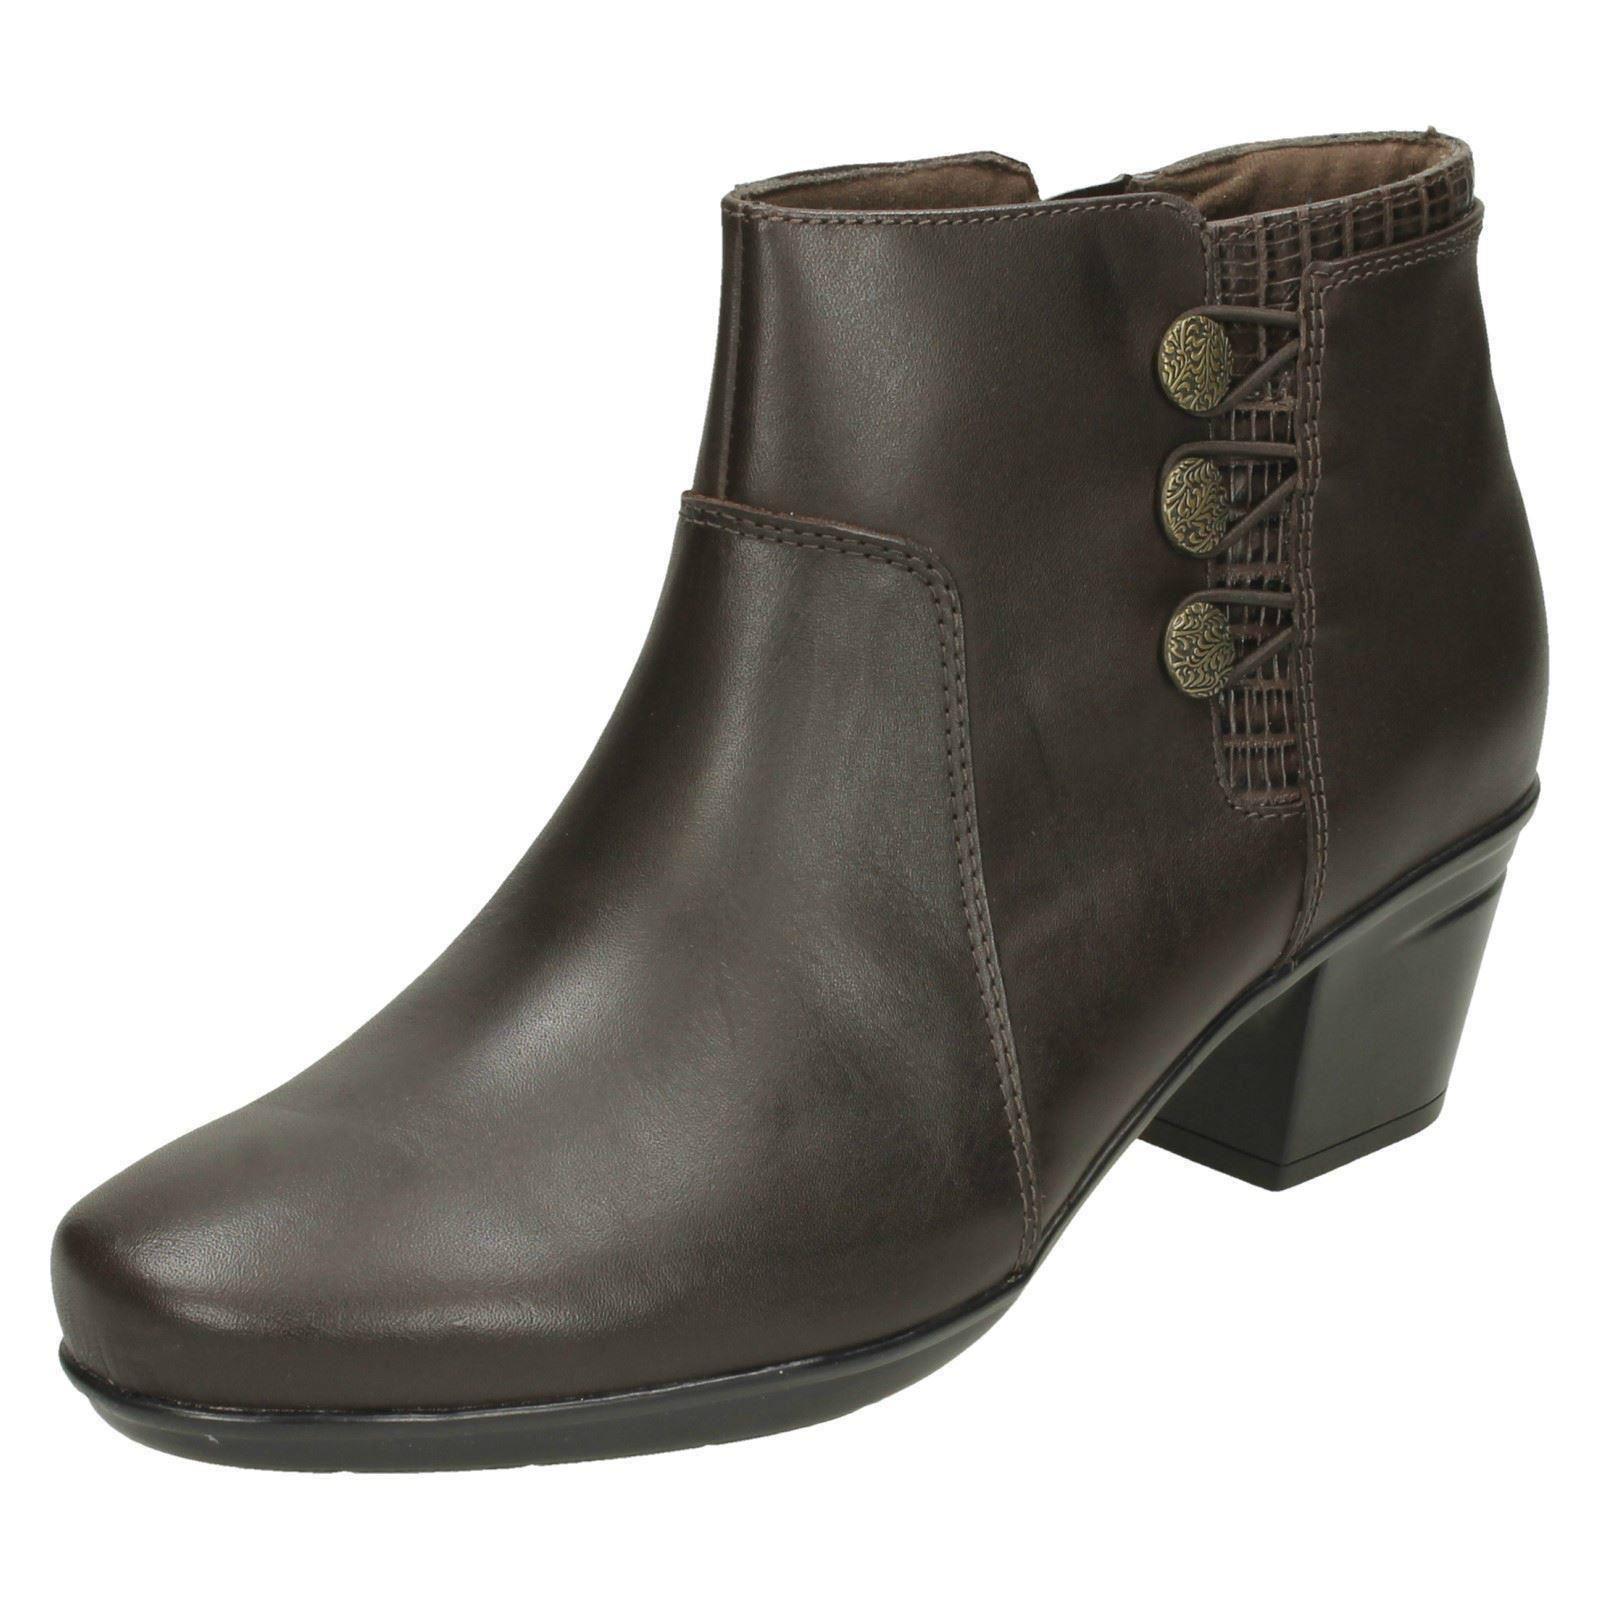 Ladies-Clarks-Emslie-Monet-Ankle-Boots